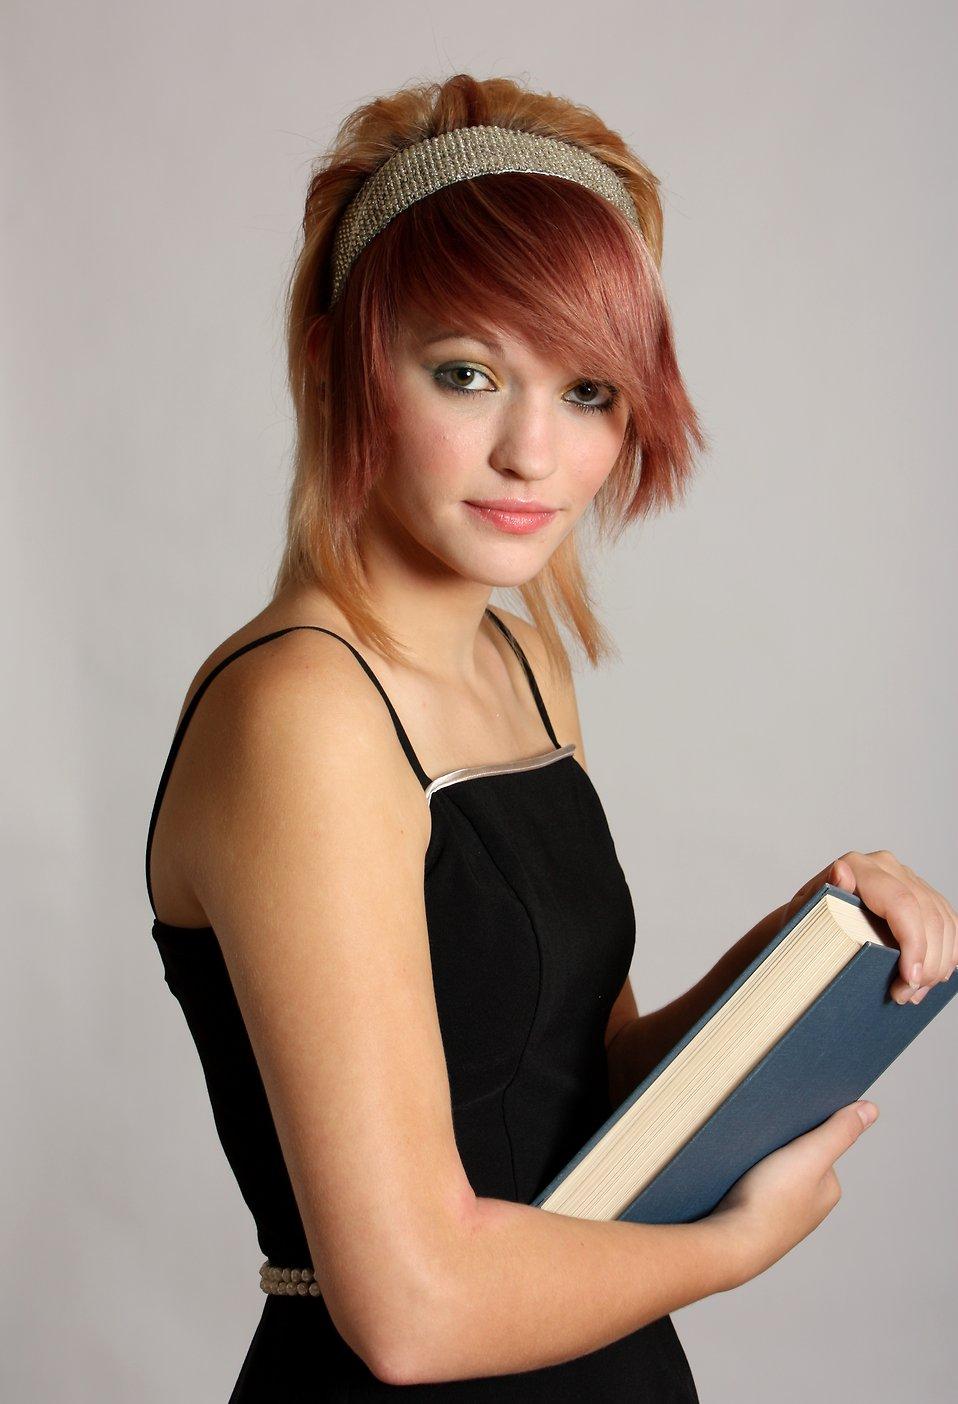 Free photo: A beautiful young girl - Beautiful, Children